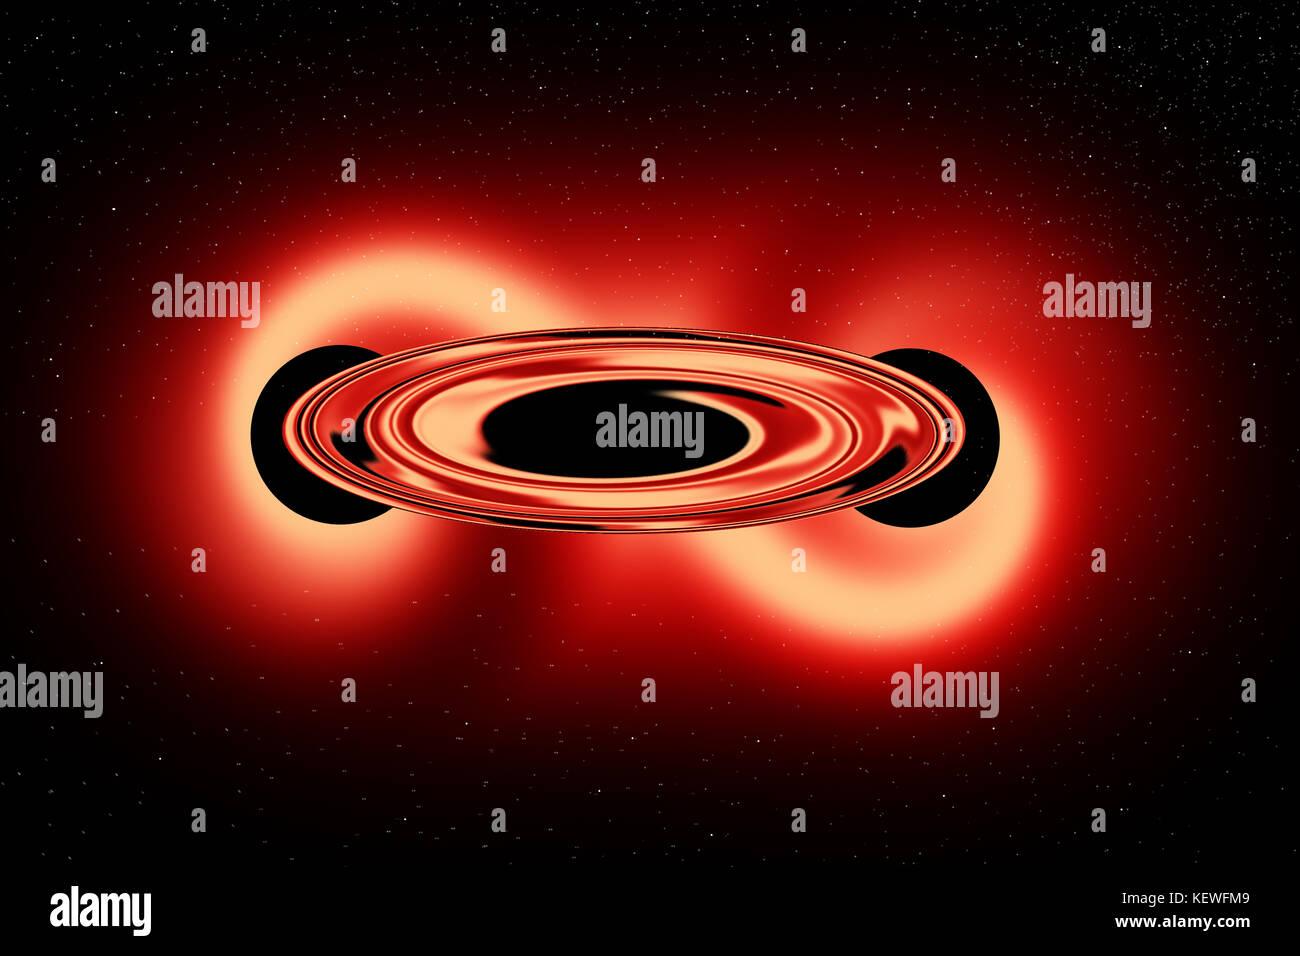 2 Schwarze Locher Verschmelzen Ein Supermassives Schwarzes Loch Zu Bilden Stockfotografie Alamy